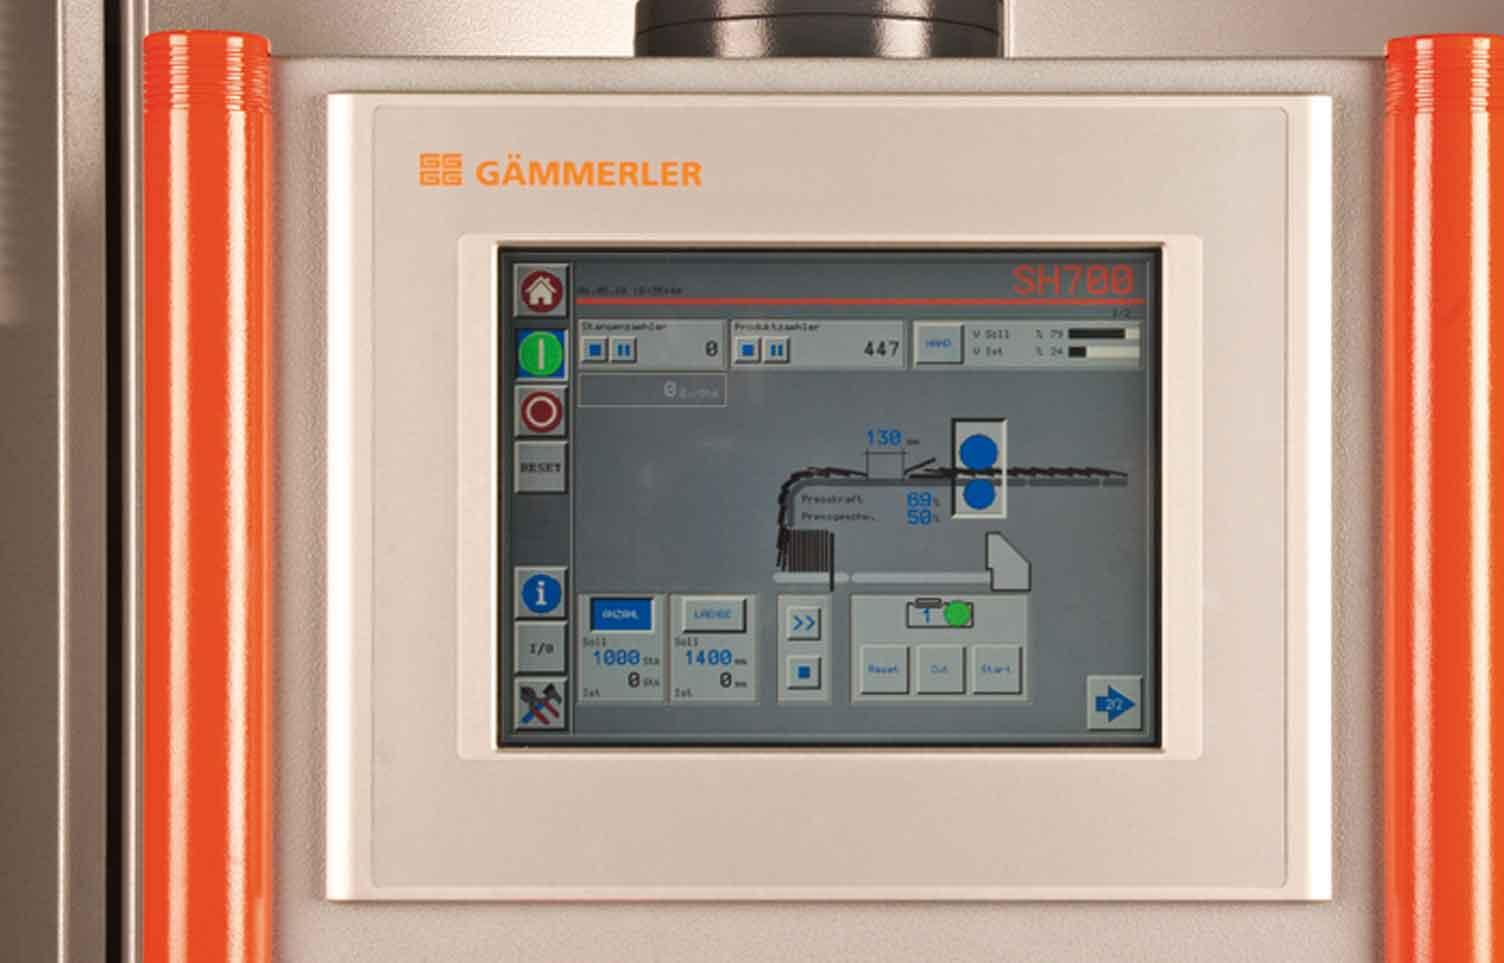 SH-700 horizontaler Stangenbilder Touchpanel Gaemmerler